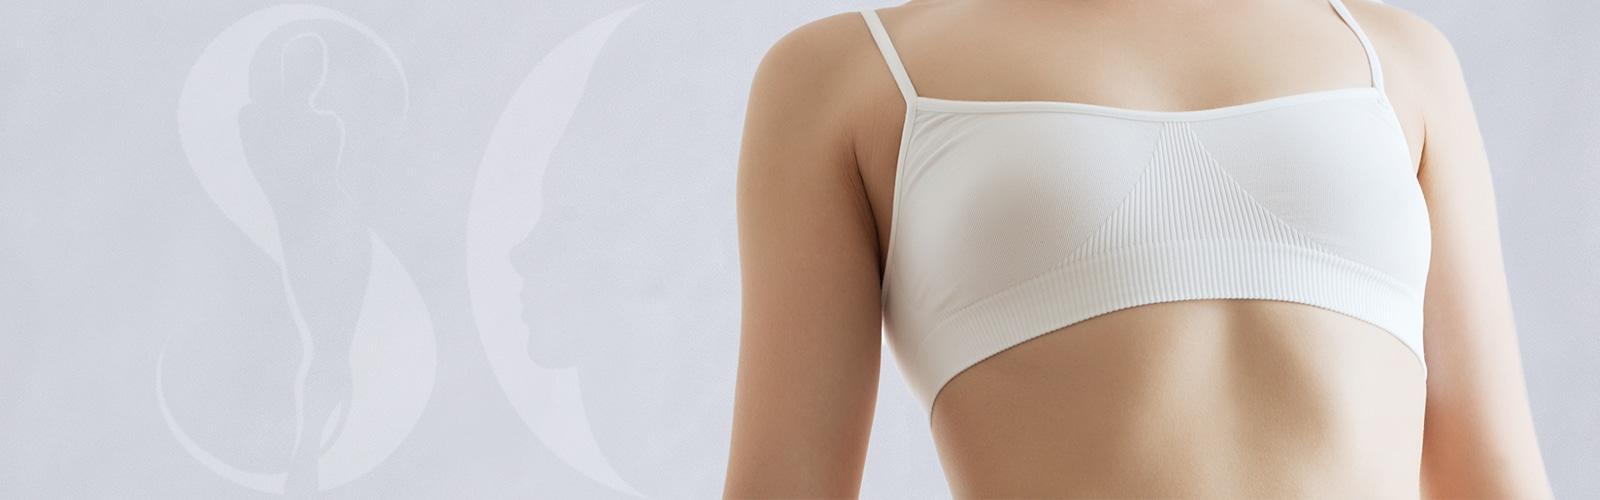 Augmentation mammaire à reims par le chirurgien esthétique Dr Chiriac